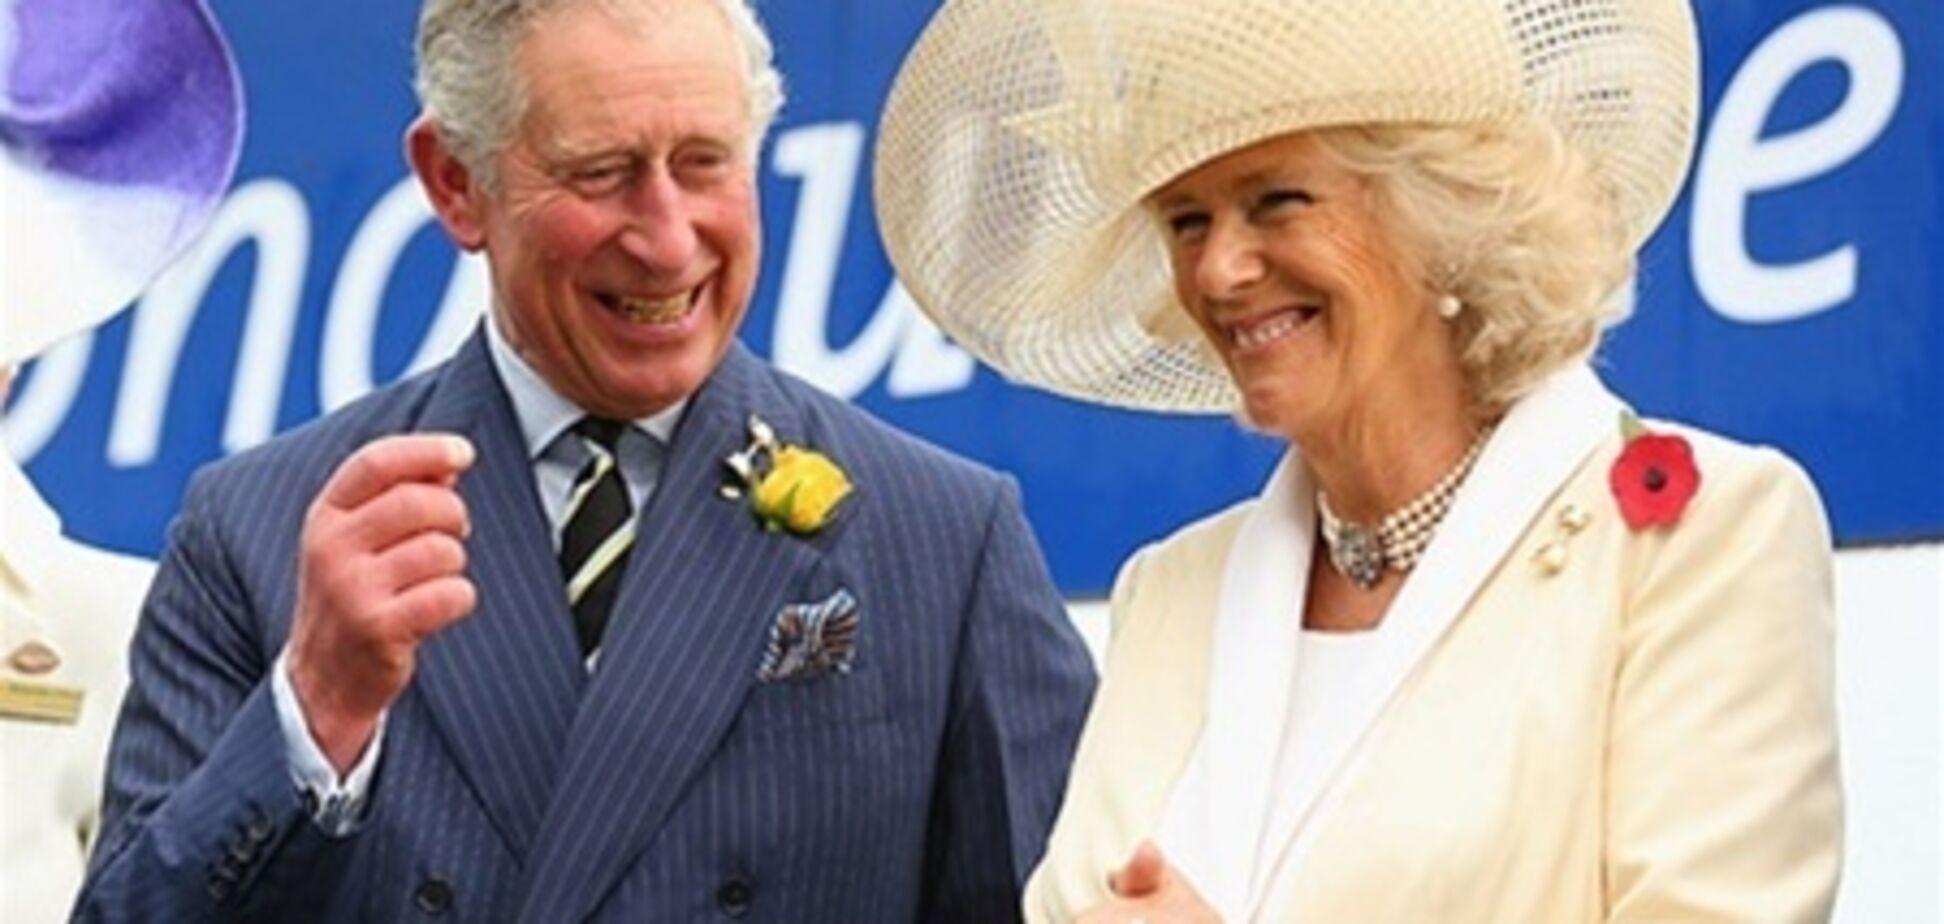 Принц Чарльз и Камилла живут в браке восемь лет. Фото